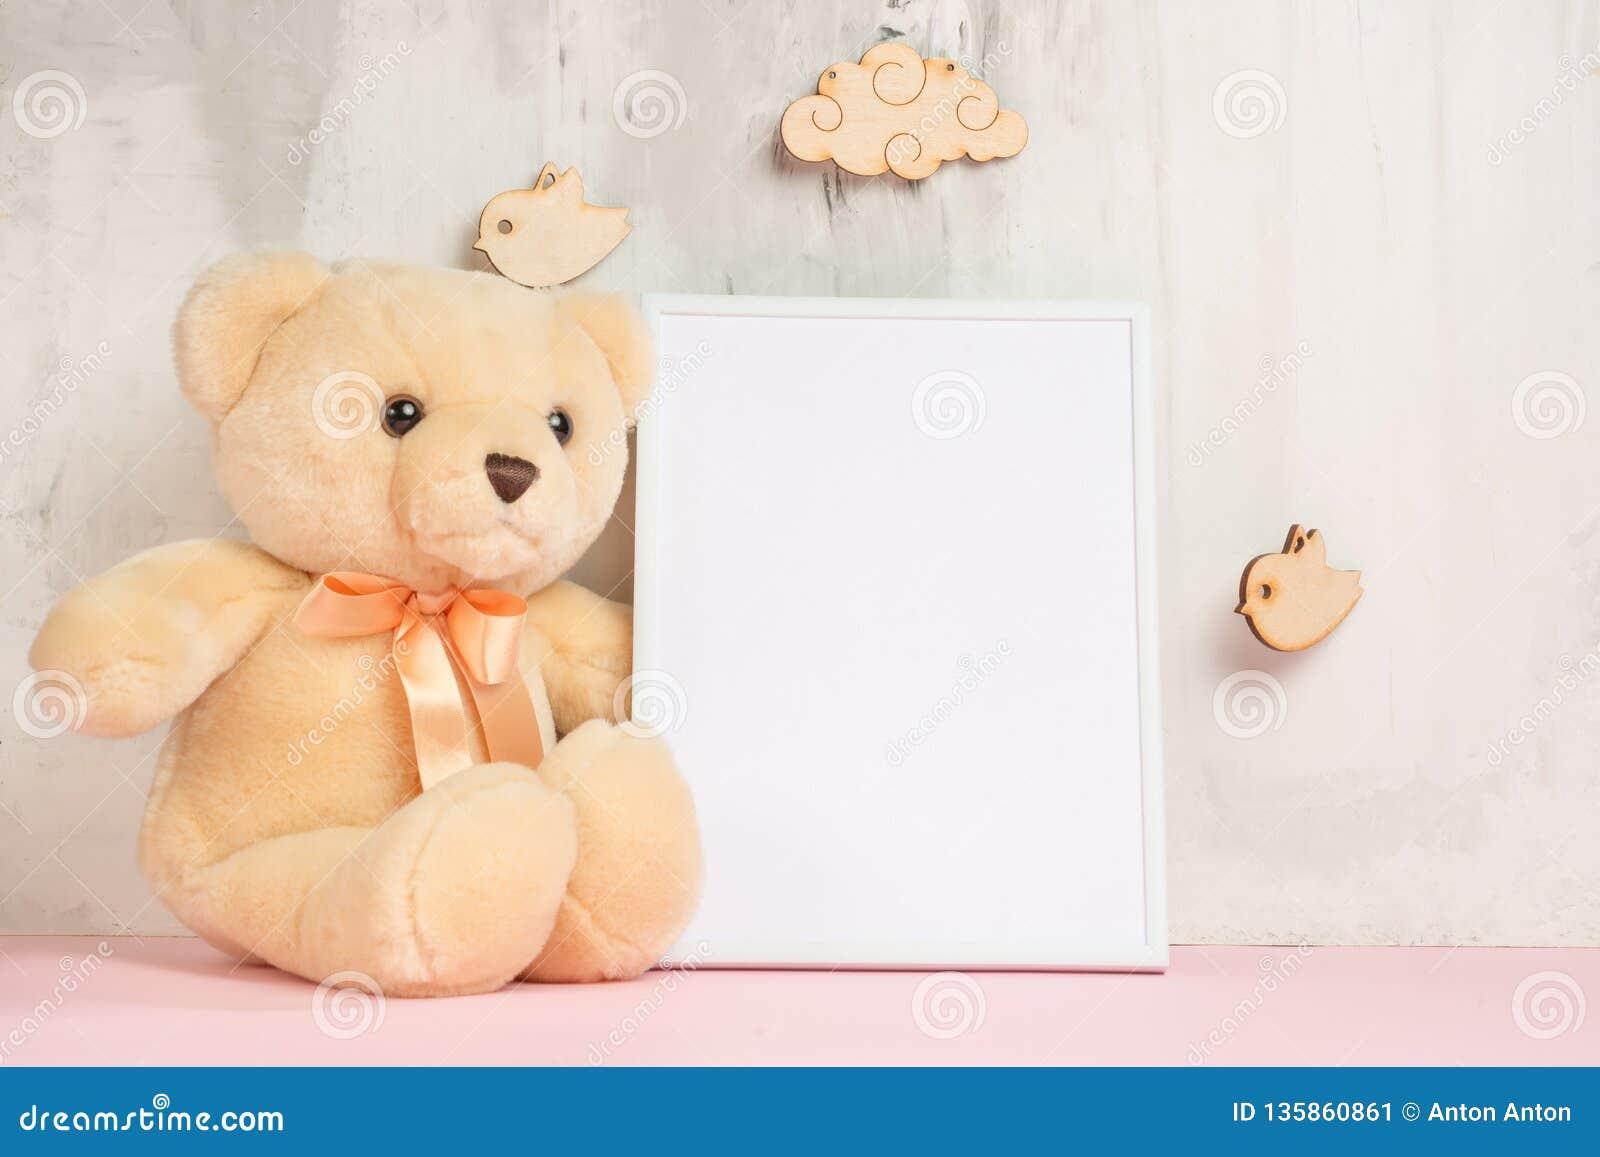 Humor festivo, juguetes del bebé con el marco vacío blanco para el diseño de la disposición Ducha de bebé